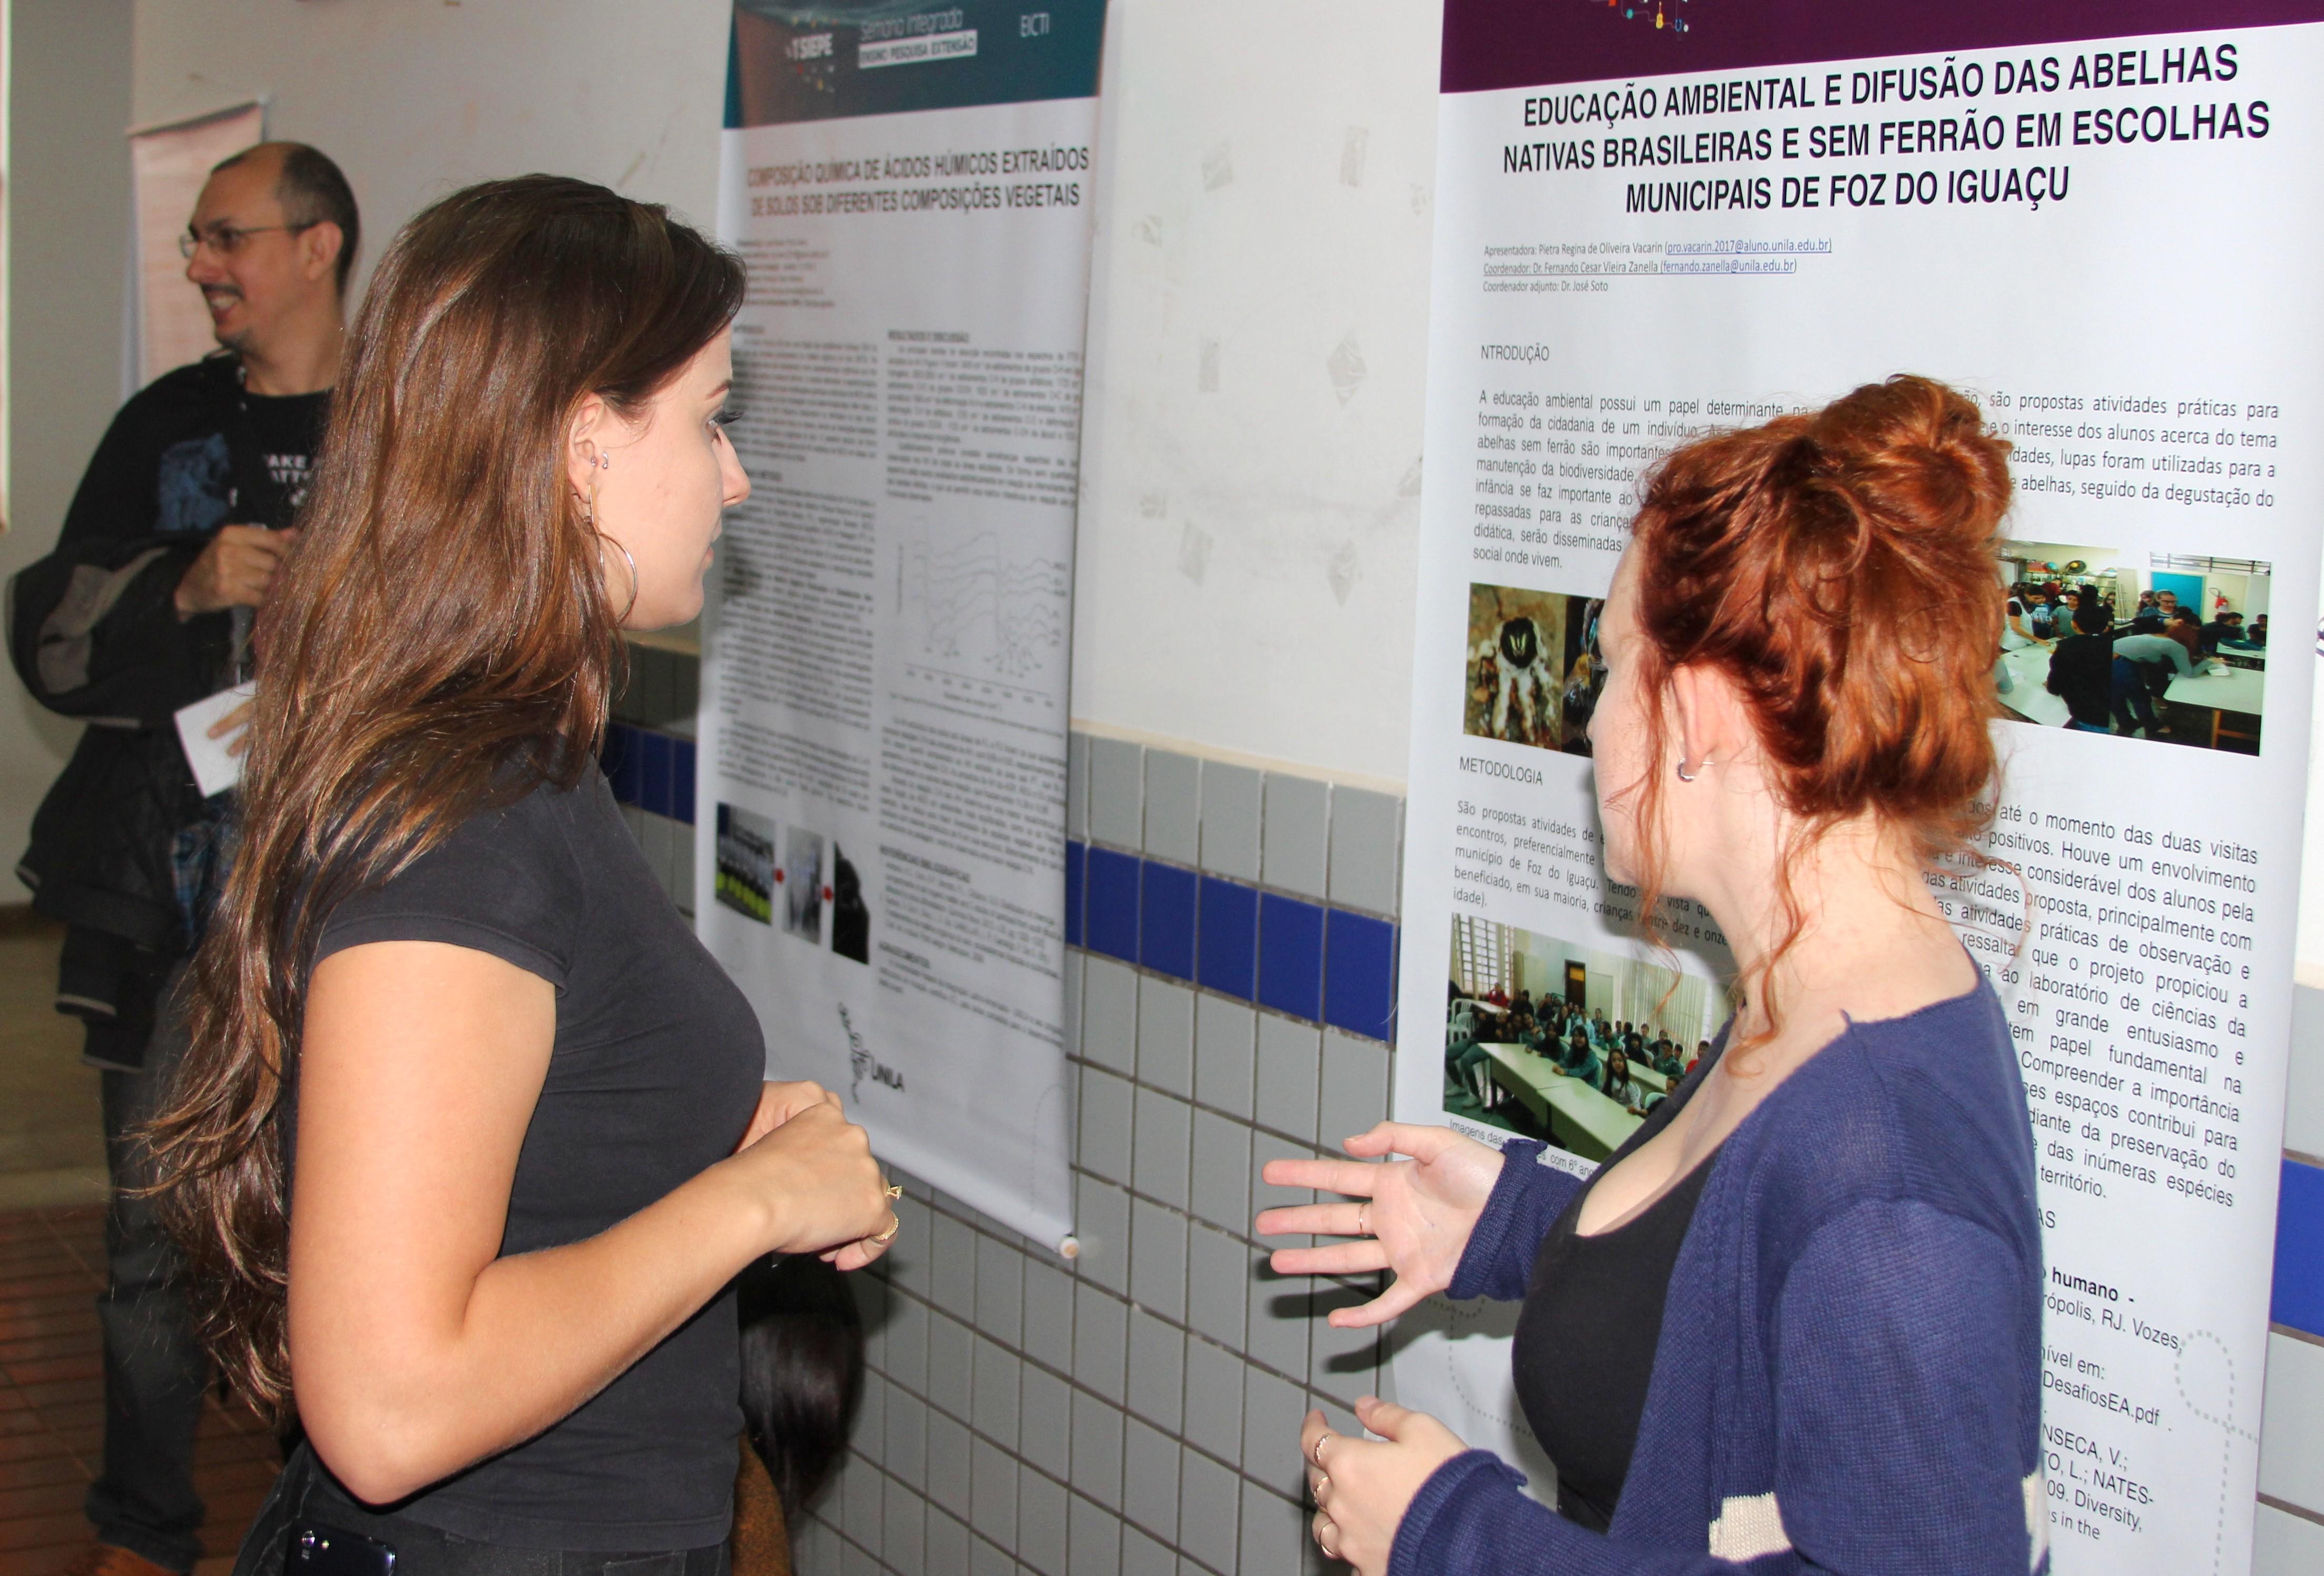 A estudante Pietra (direita) integra o projeto que trabalha educação ambiental com alunos de escolas de Foz do Iguaçu